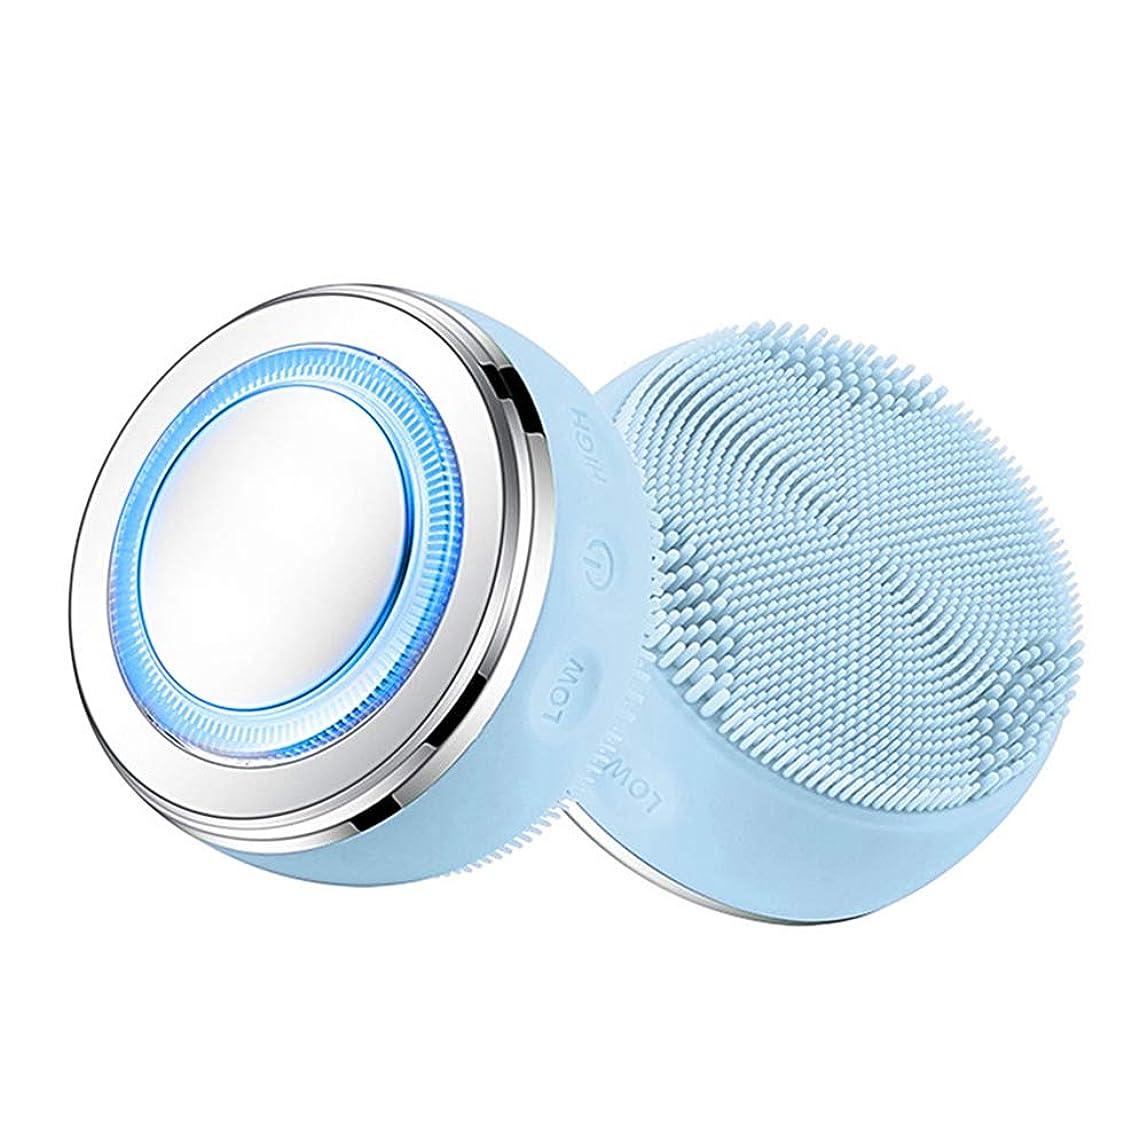 デンマーク語パラシュートアナリスト2-IN-1クレンジングブラシ、ホットプレスLEDスキンクリーナー、防水シリコーン毛穴クリーナー美顔器